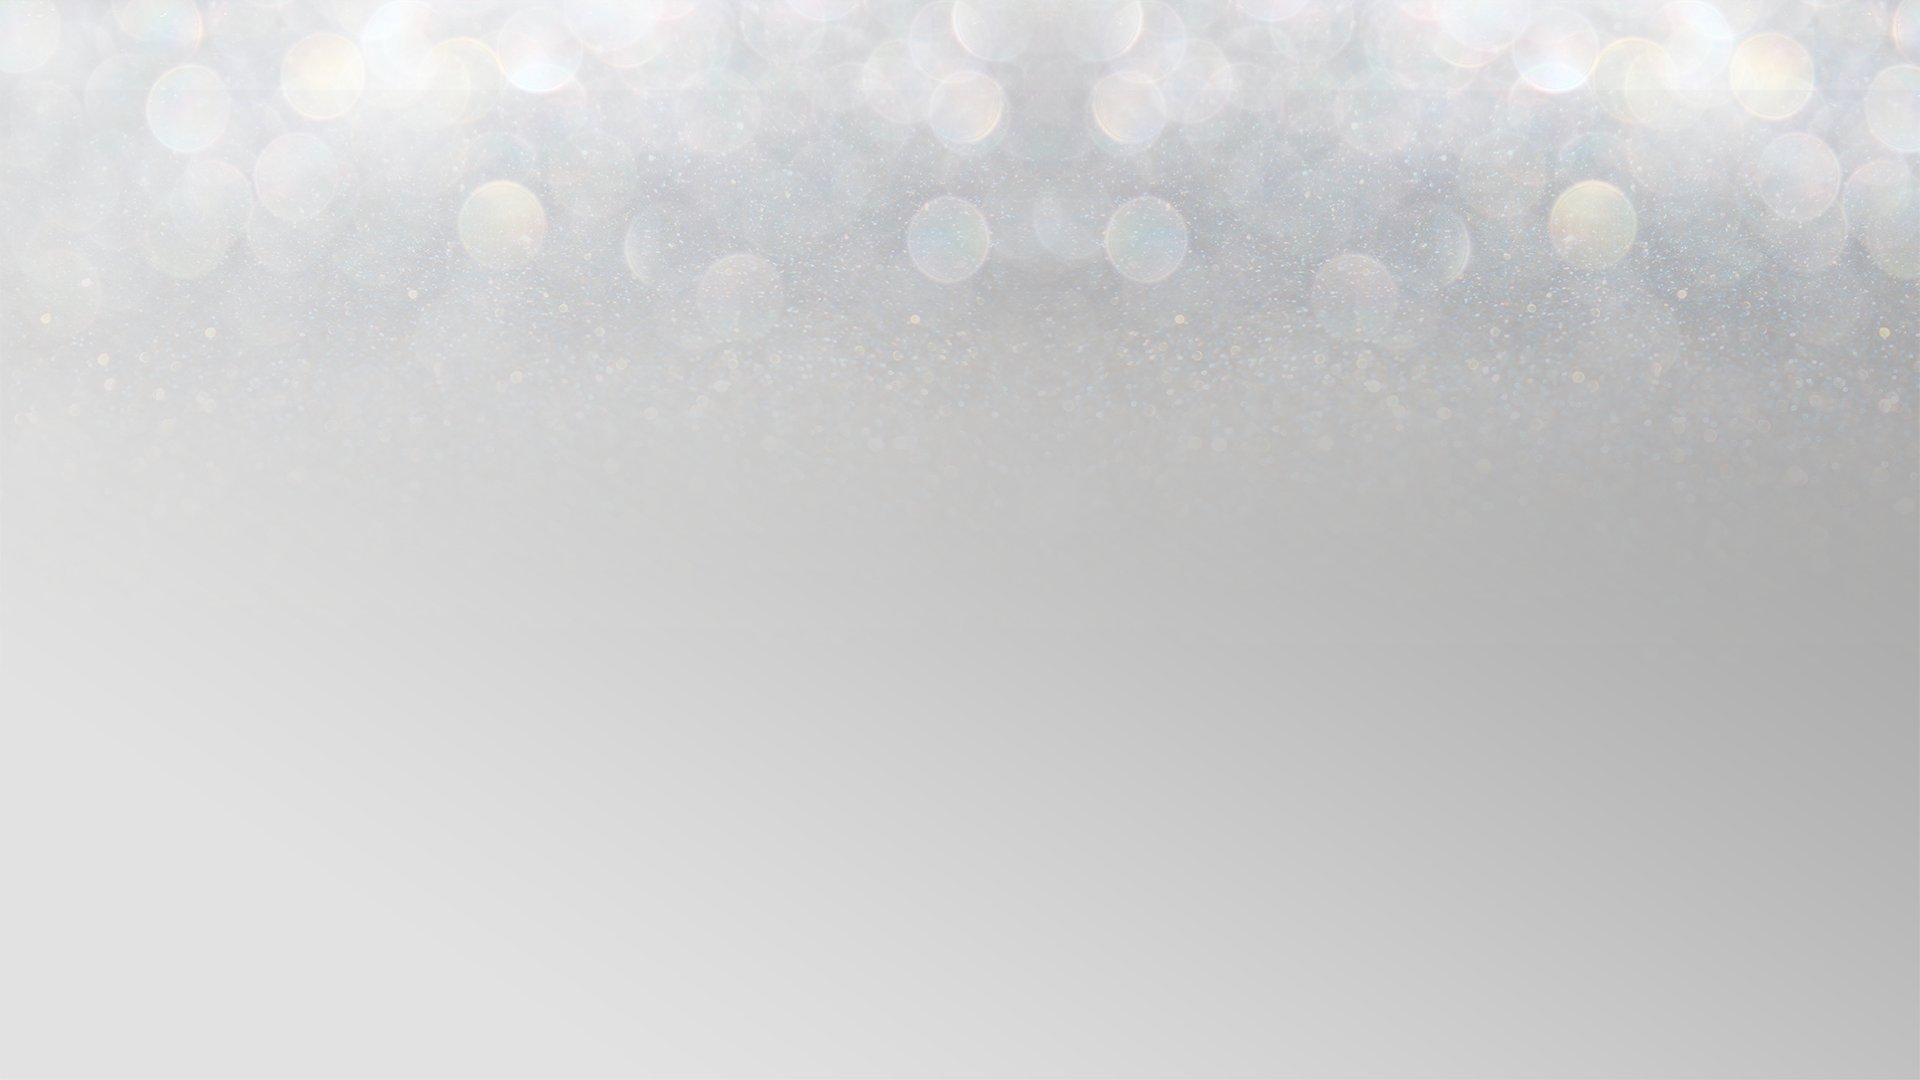 fond JLC Family : L'heure des explications a sonné pour Melissa et Sisika